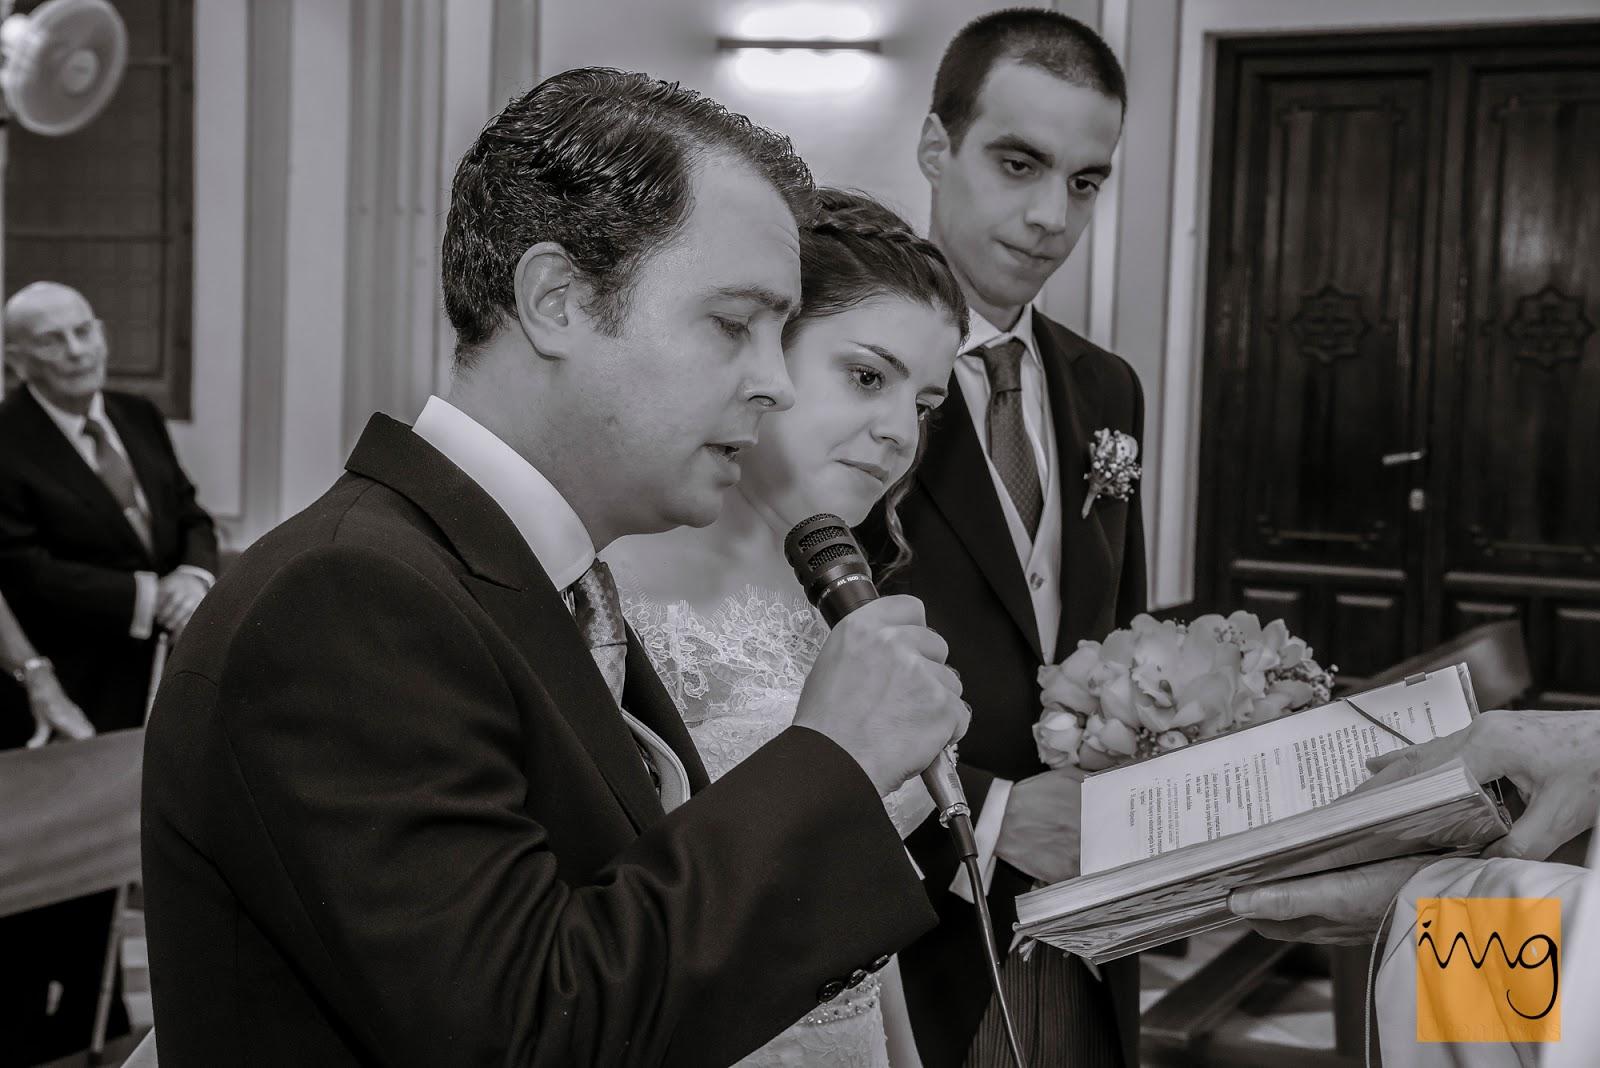 Fotografía de boda, los votos.